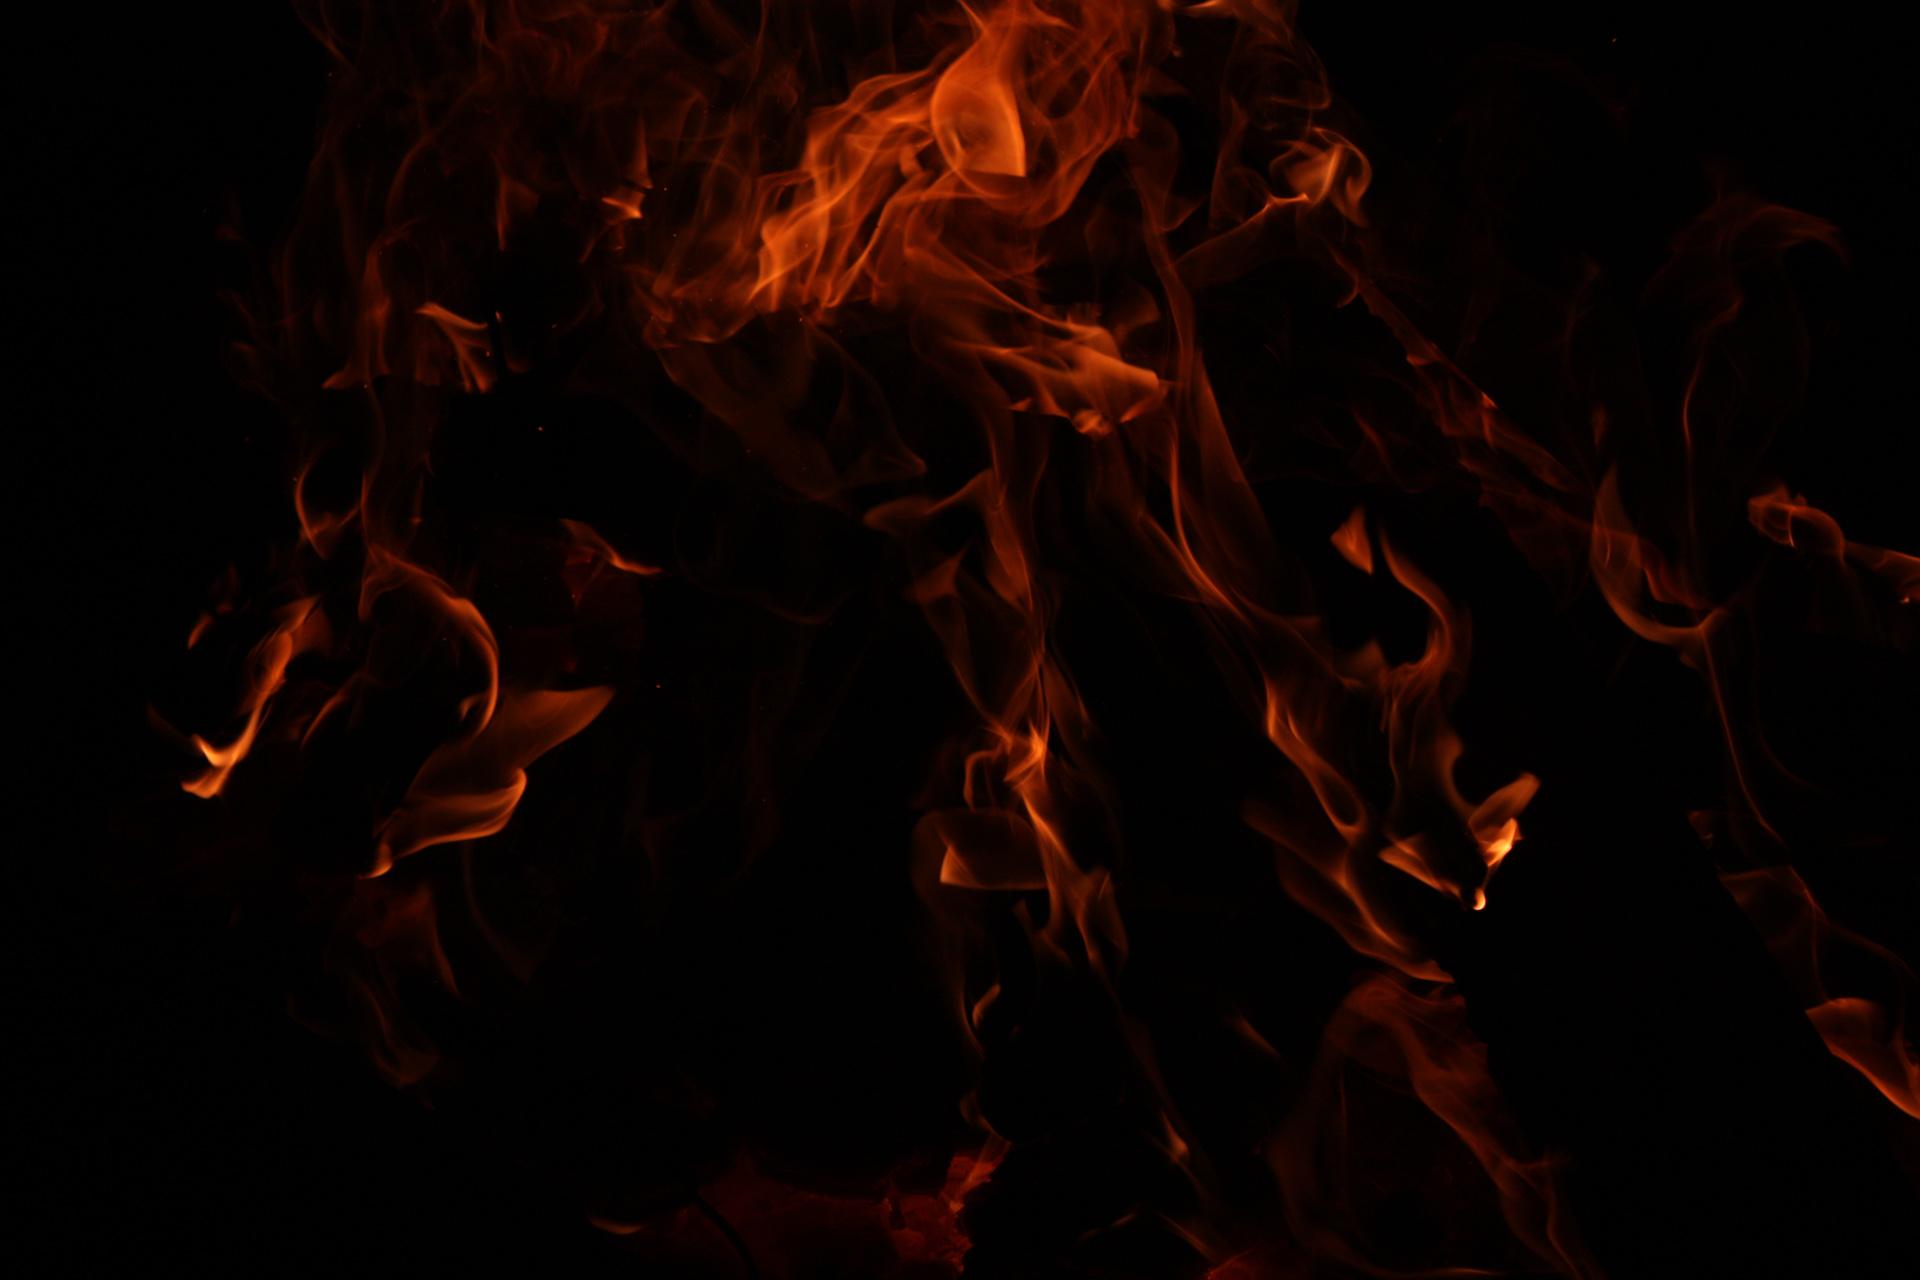 Картинки черный фон на нем огонь